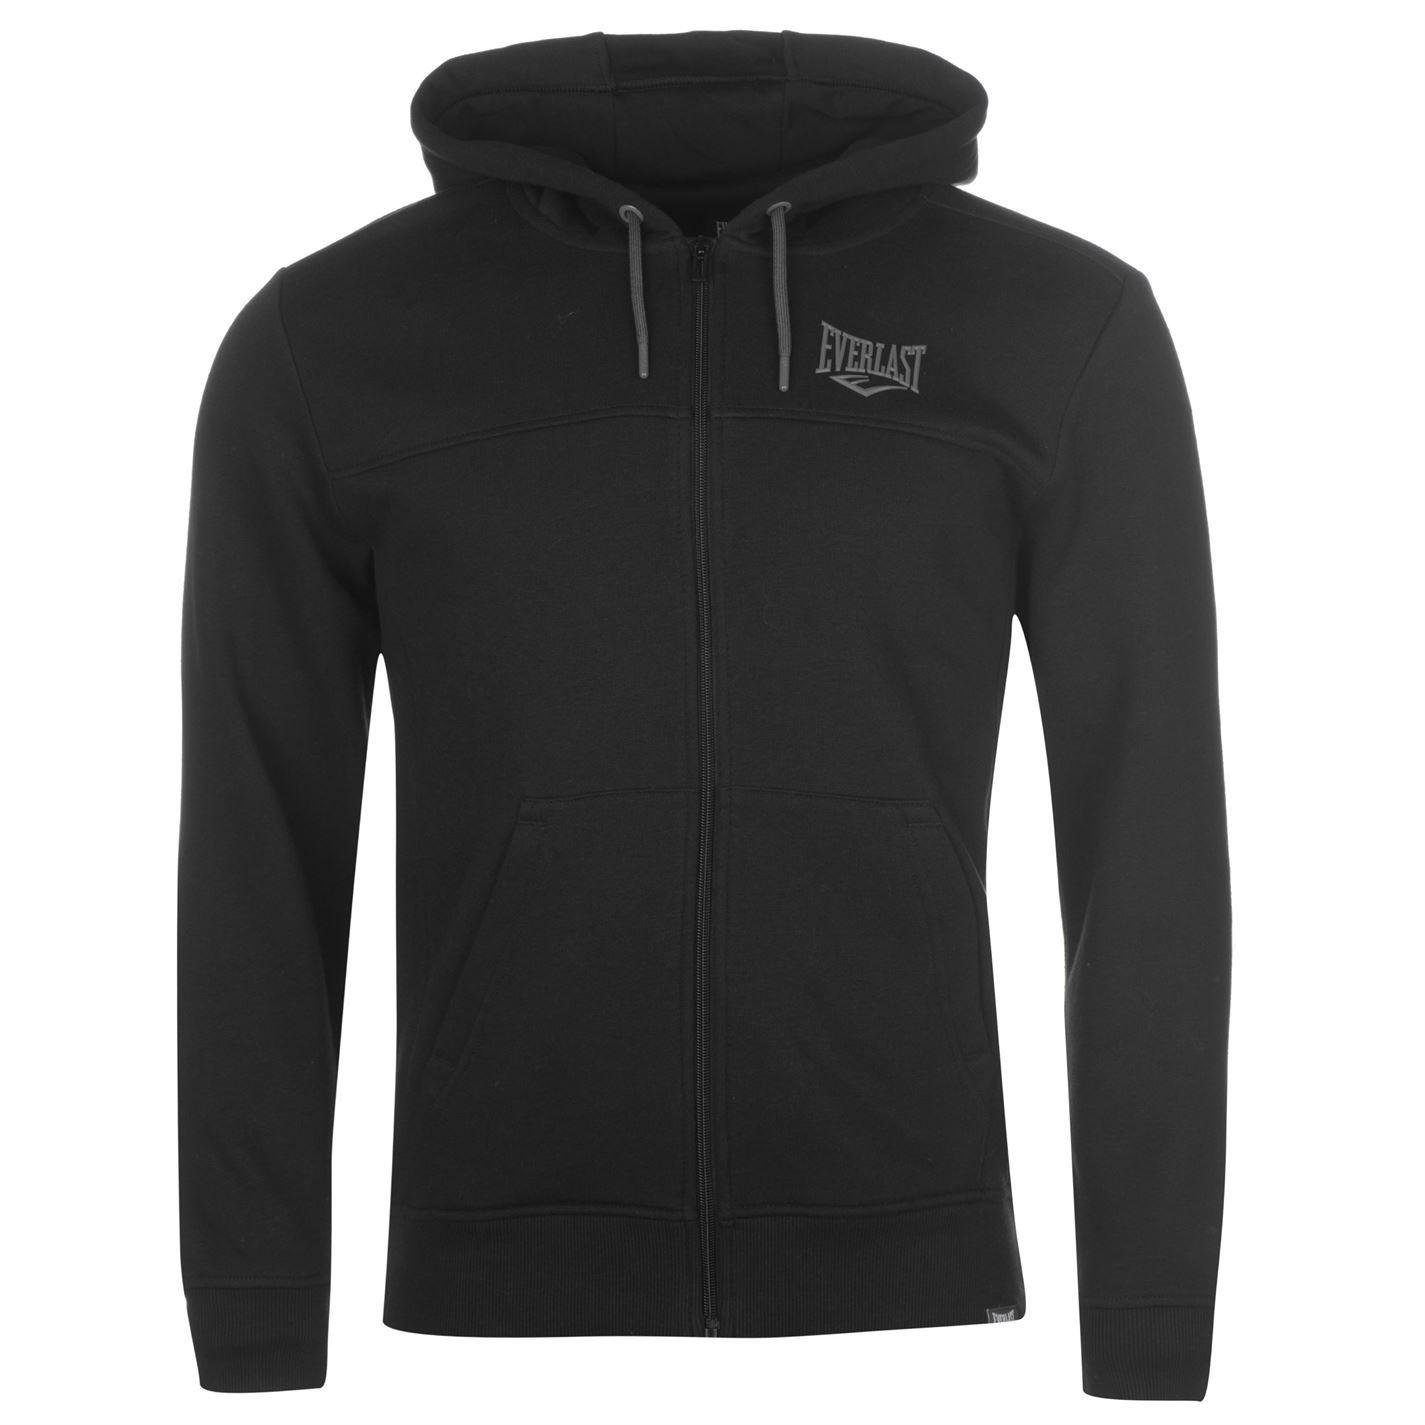 Everlast-Logo-Full-Zip-Hoody-Jacket-Mens-Hoodie-Sweatshirt-Sweater-Hooded-Top thumbnail 6